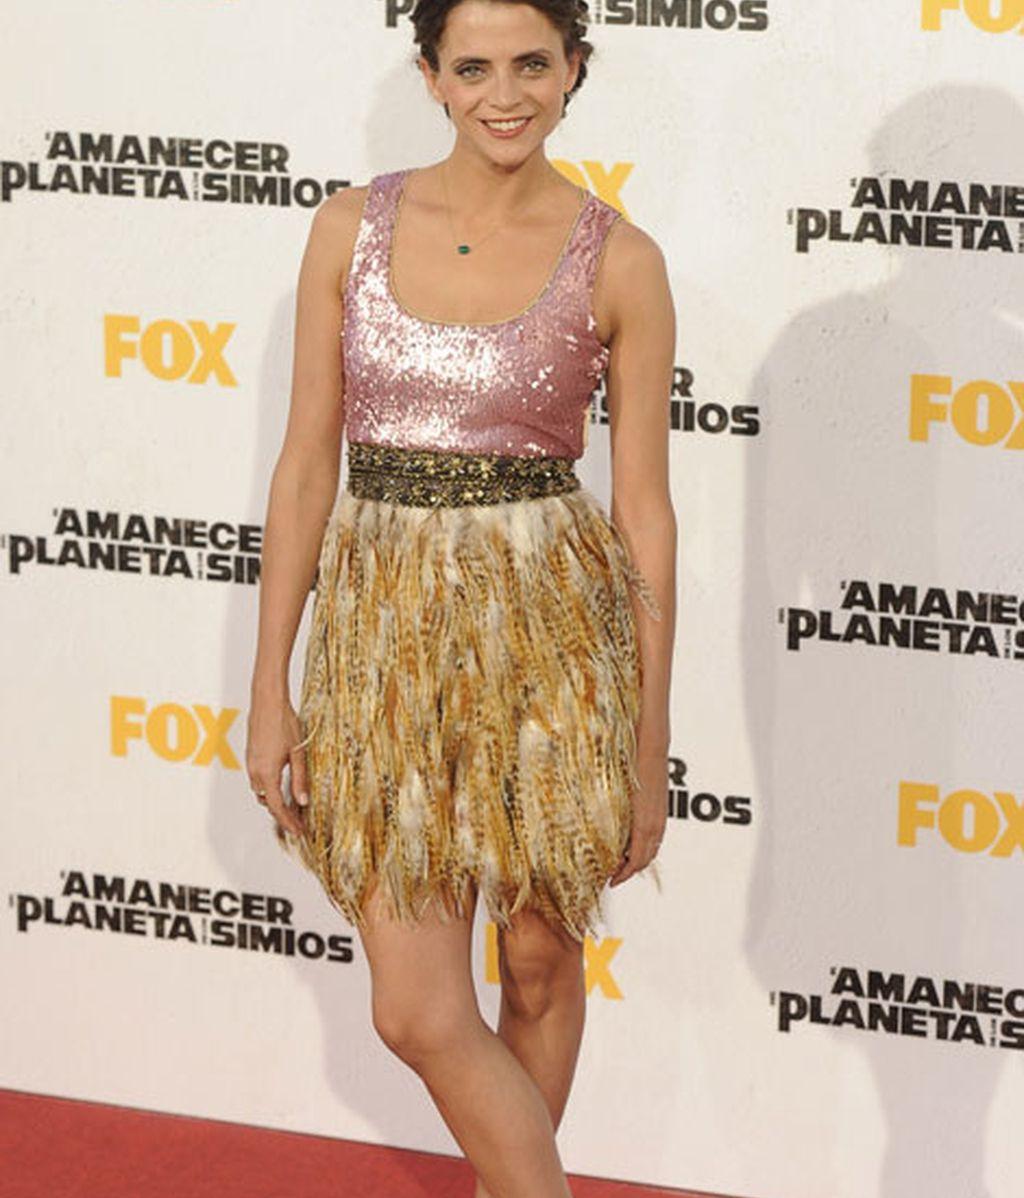 La actriz de 'La que se avecina' con una curiosa falda de plumas y top brillante rosa